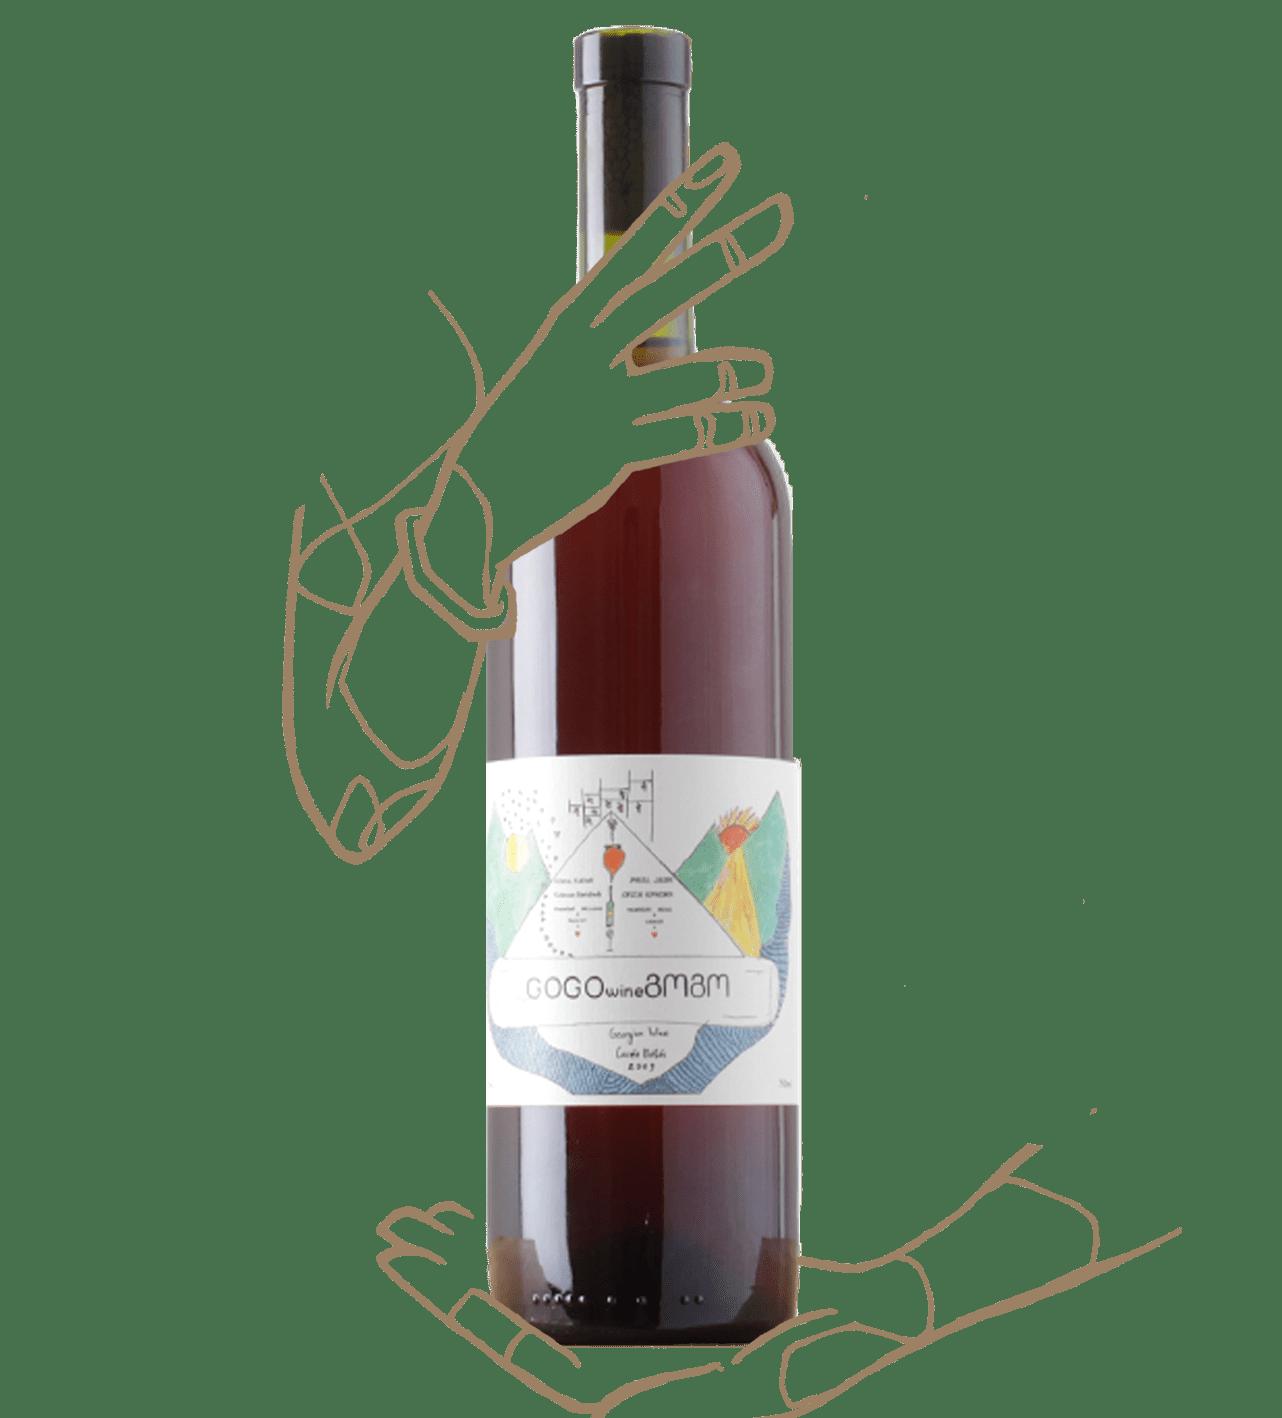 Bébés de Gogo Wine est un vin rosé naturel de géorgie